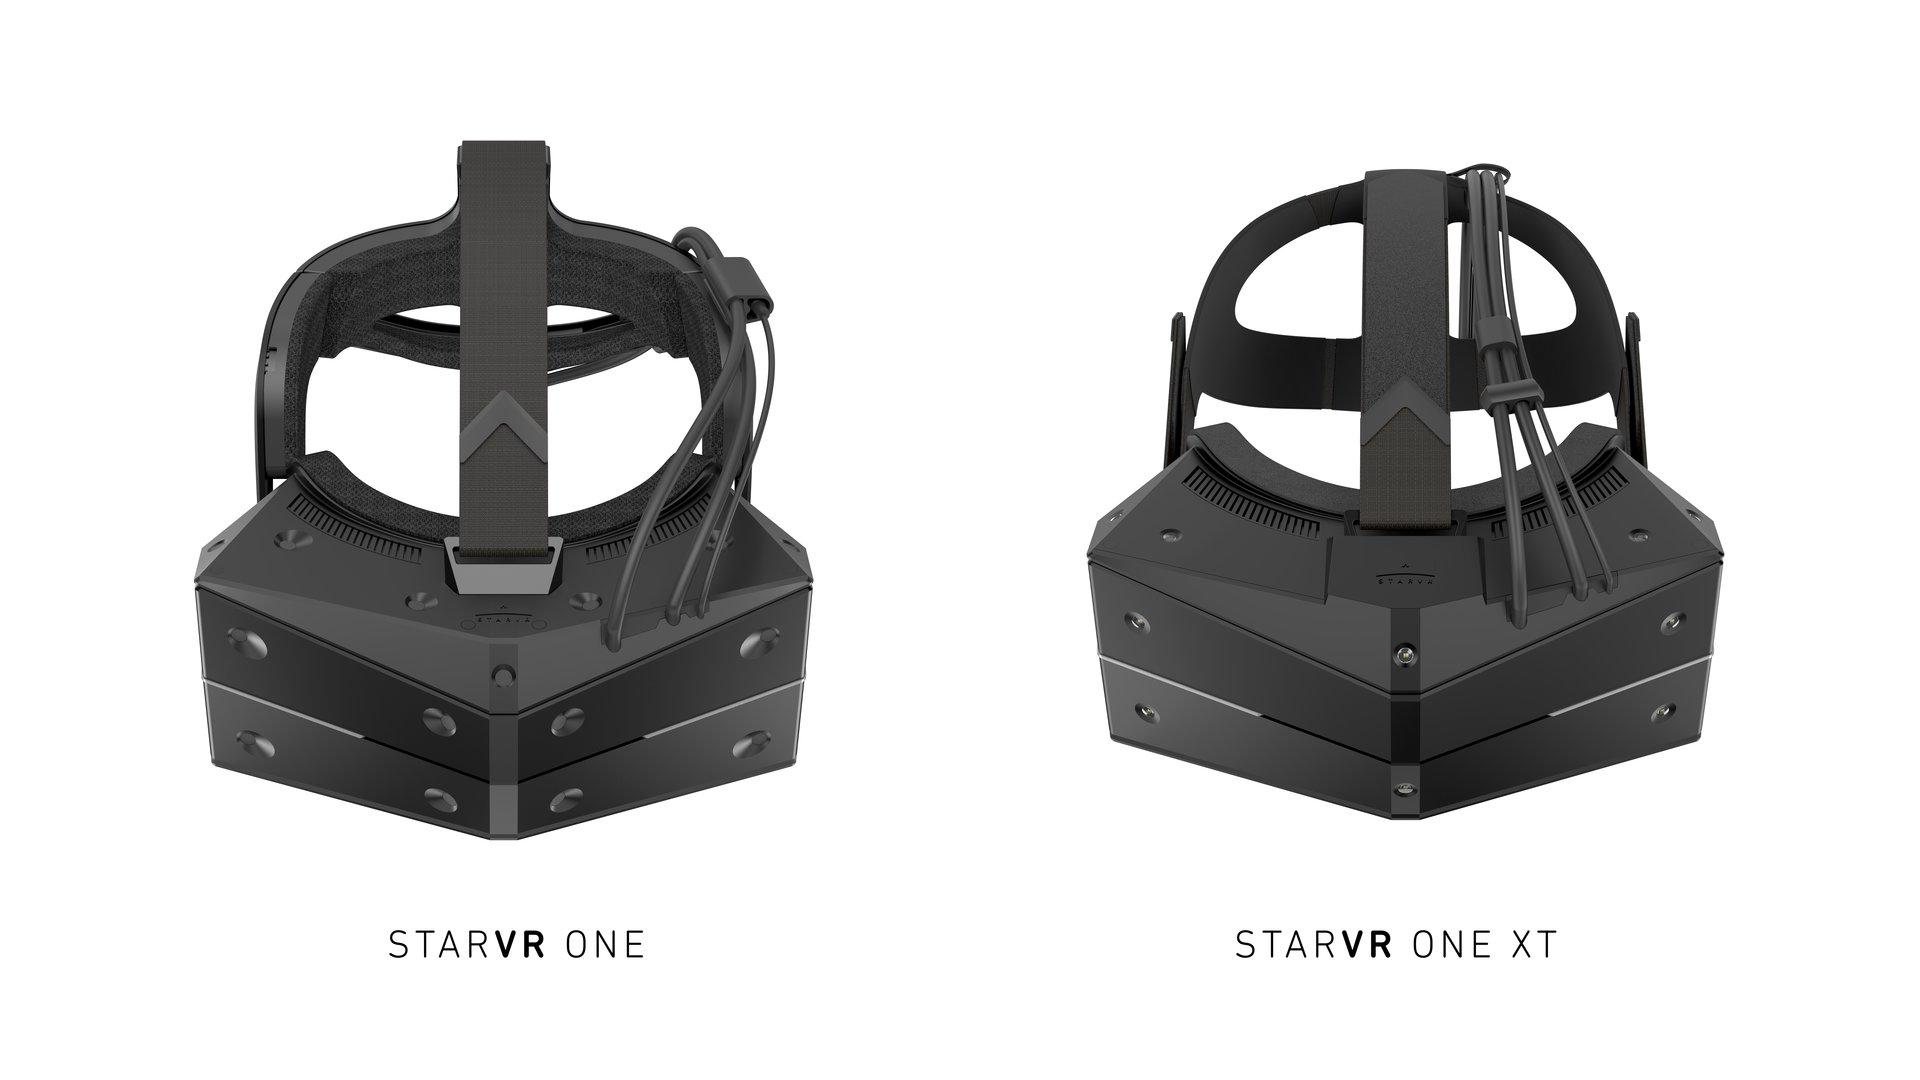 Einmal für SteamVR Tracking 2.0 und einmal für kamerabasierte Systeme